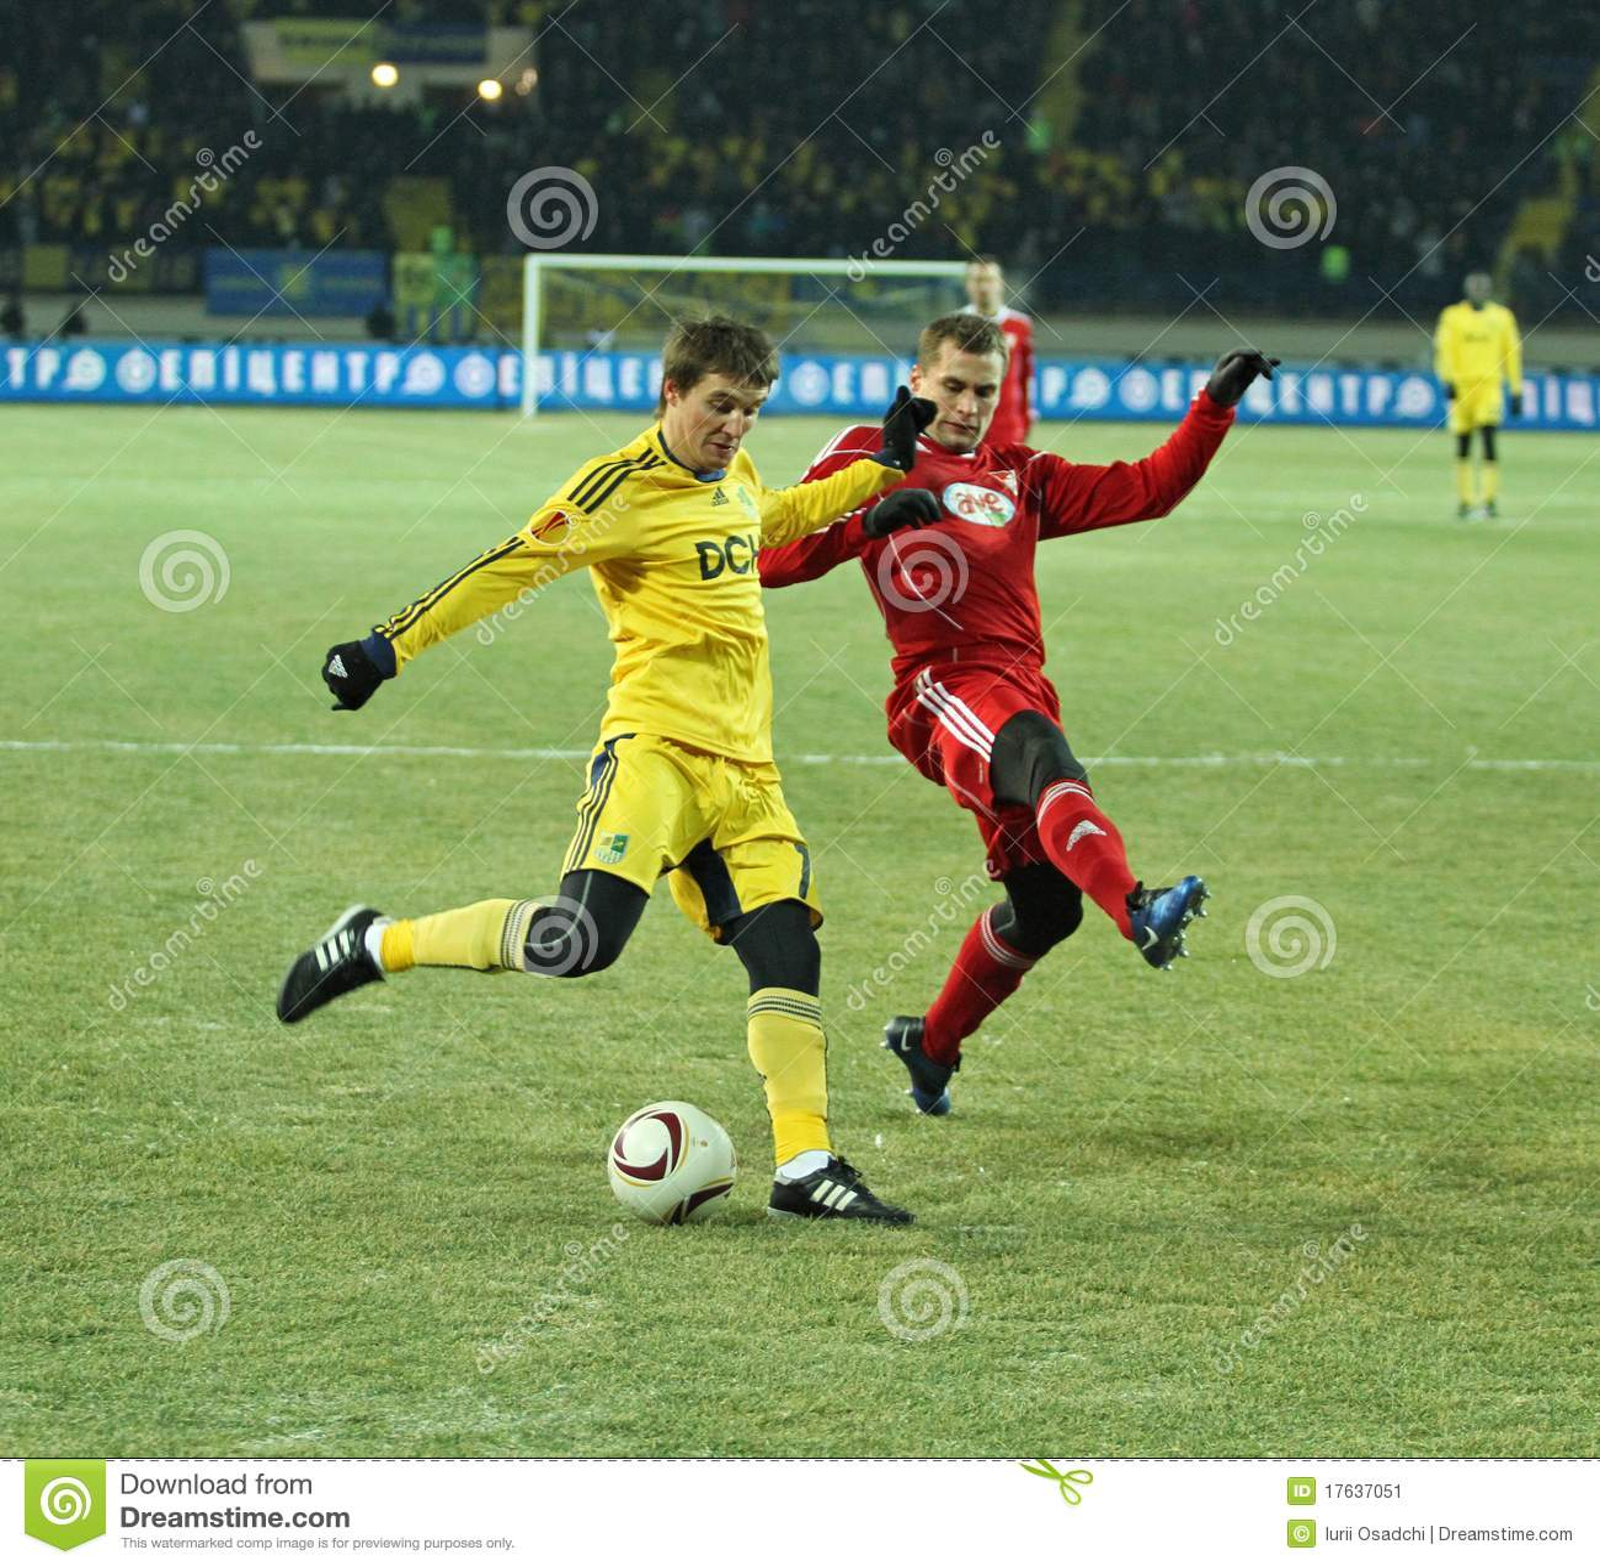 Debrecen Vs Liverpool Uefa Champions League Match: Debreceni UEFA Football Match Editorial Photo